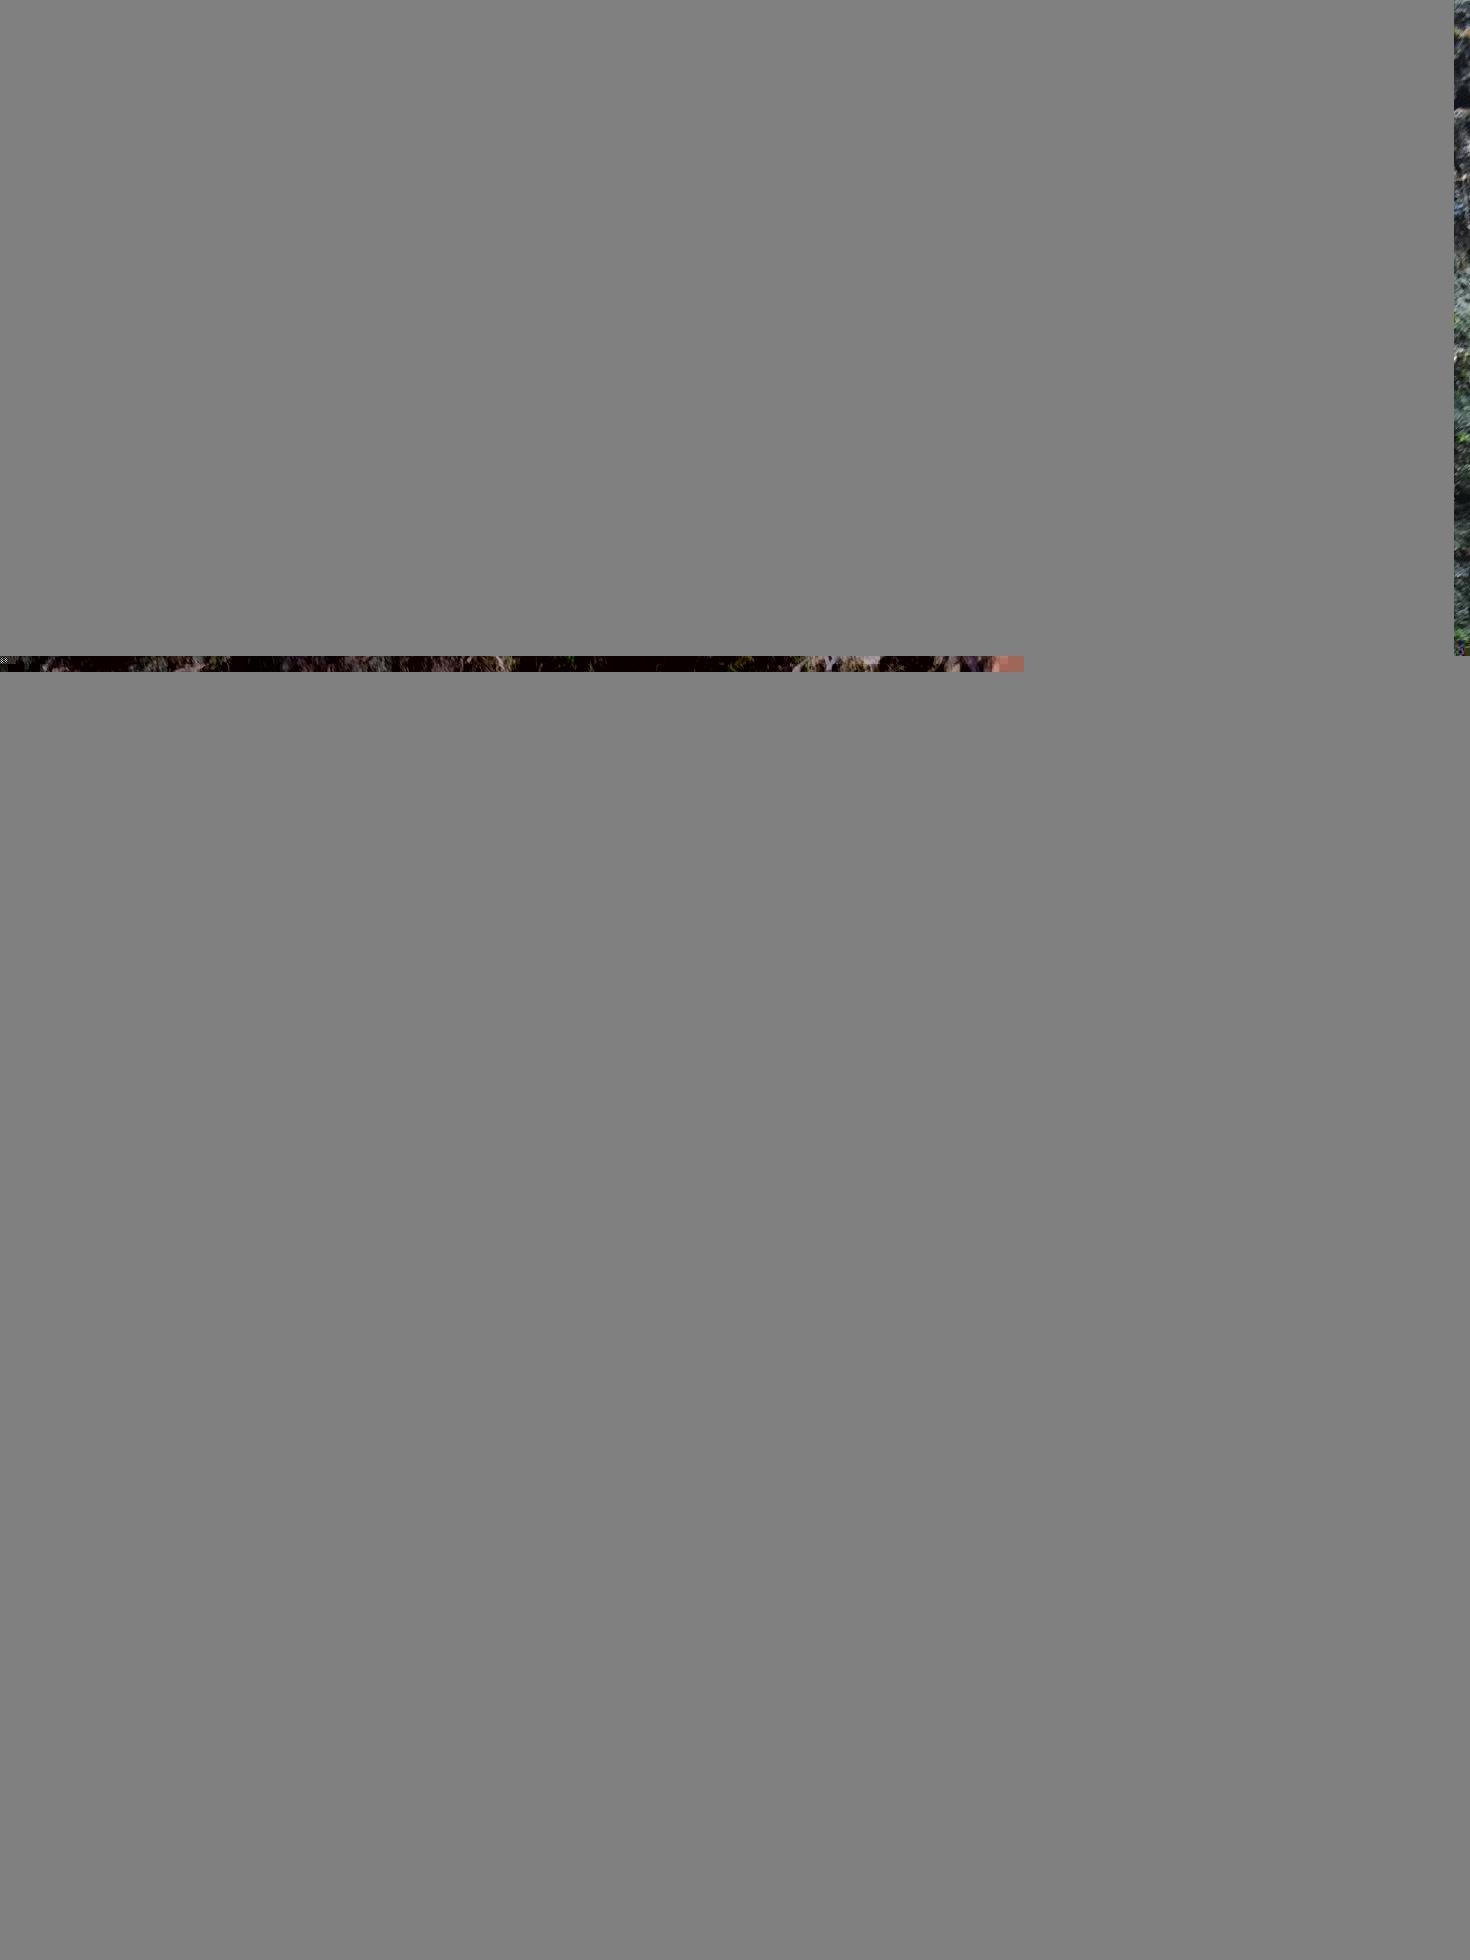 849739C7-BF3B-4DC6-868B-D84F0A1FFB8A.jpeg